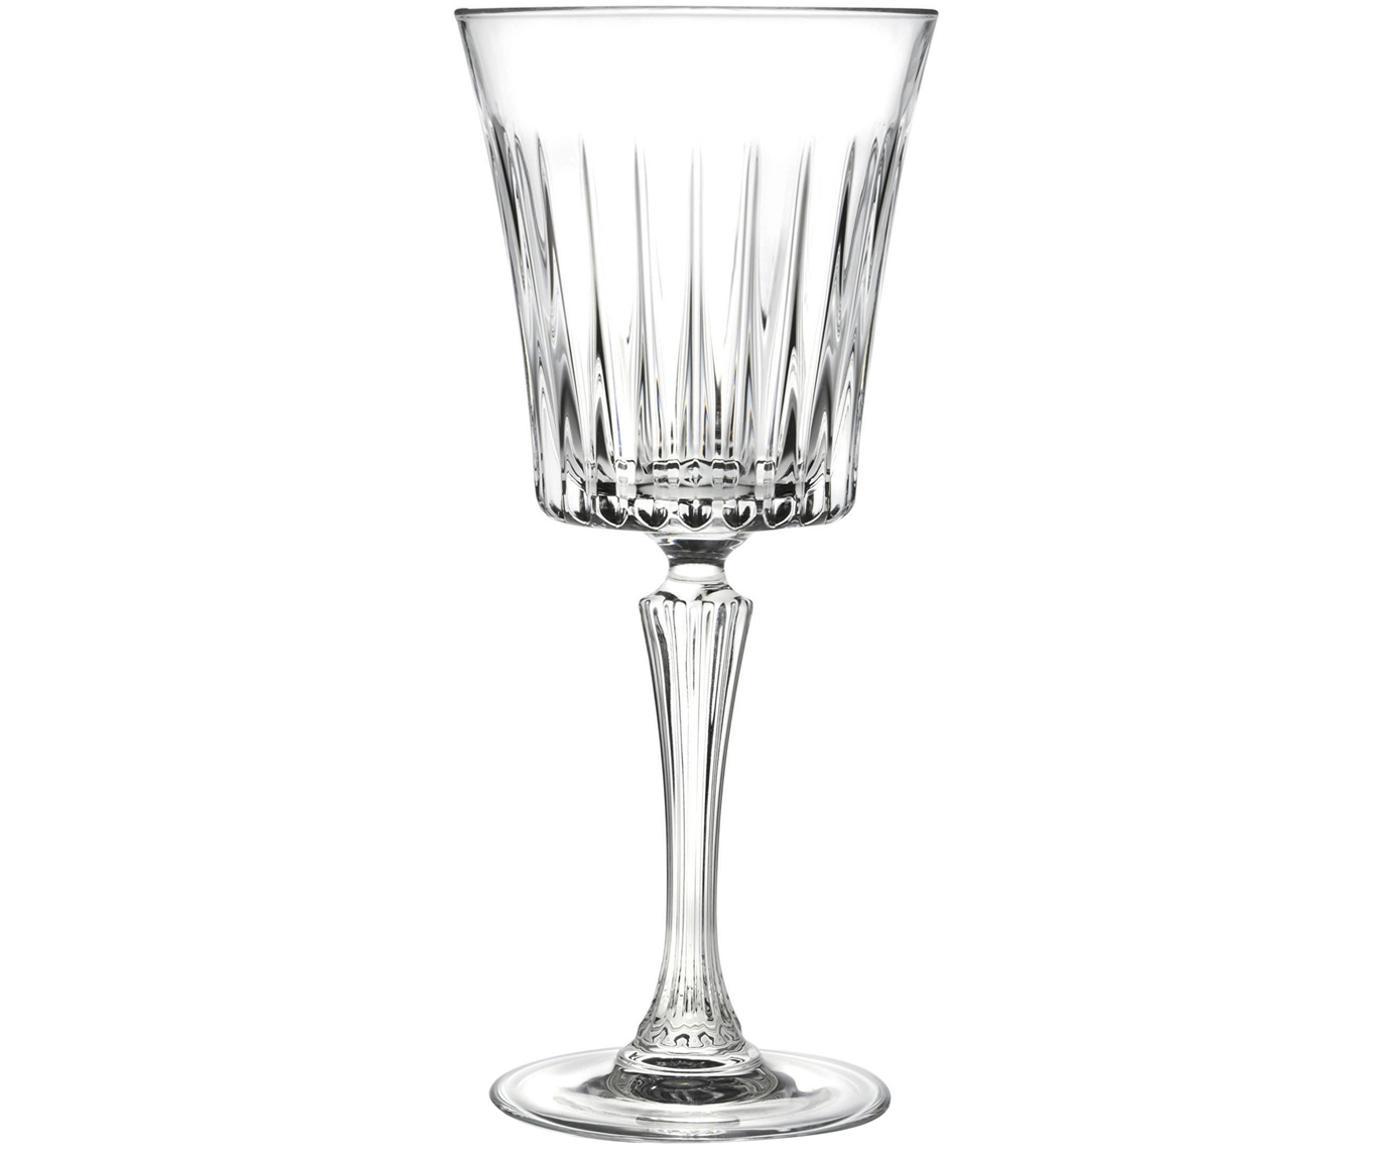 Kryształowy kieliszek do czerwonego wina Timeless, 6 szt., Szkło kryształowe, Transparentny, Ø 9 x 21 cm